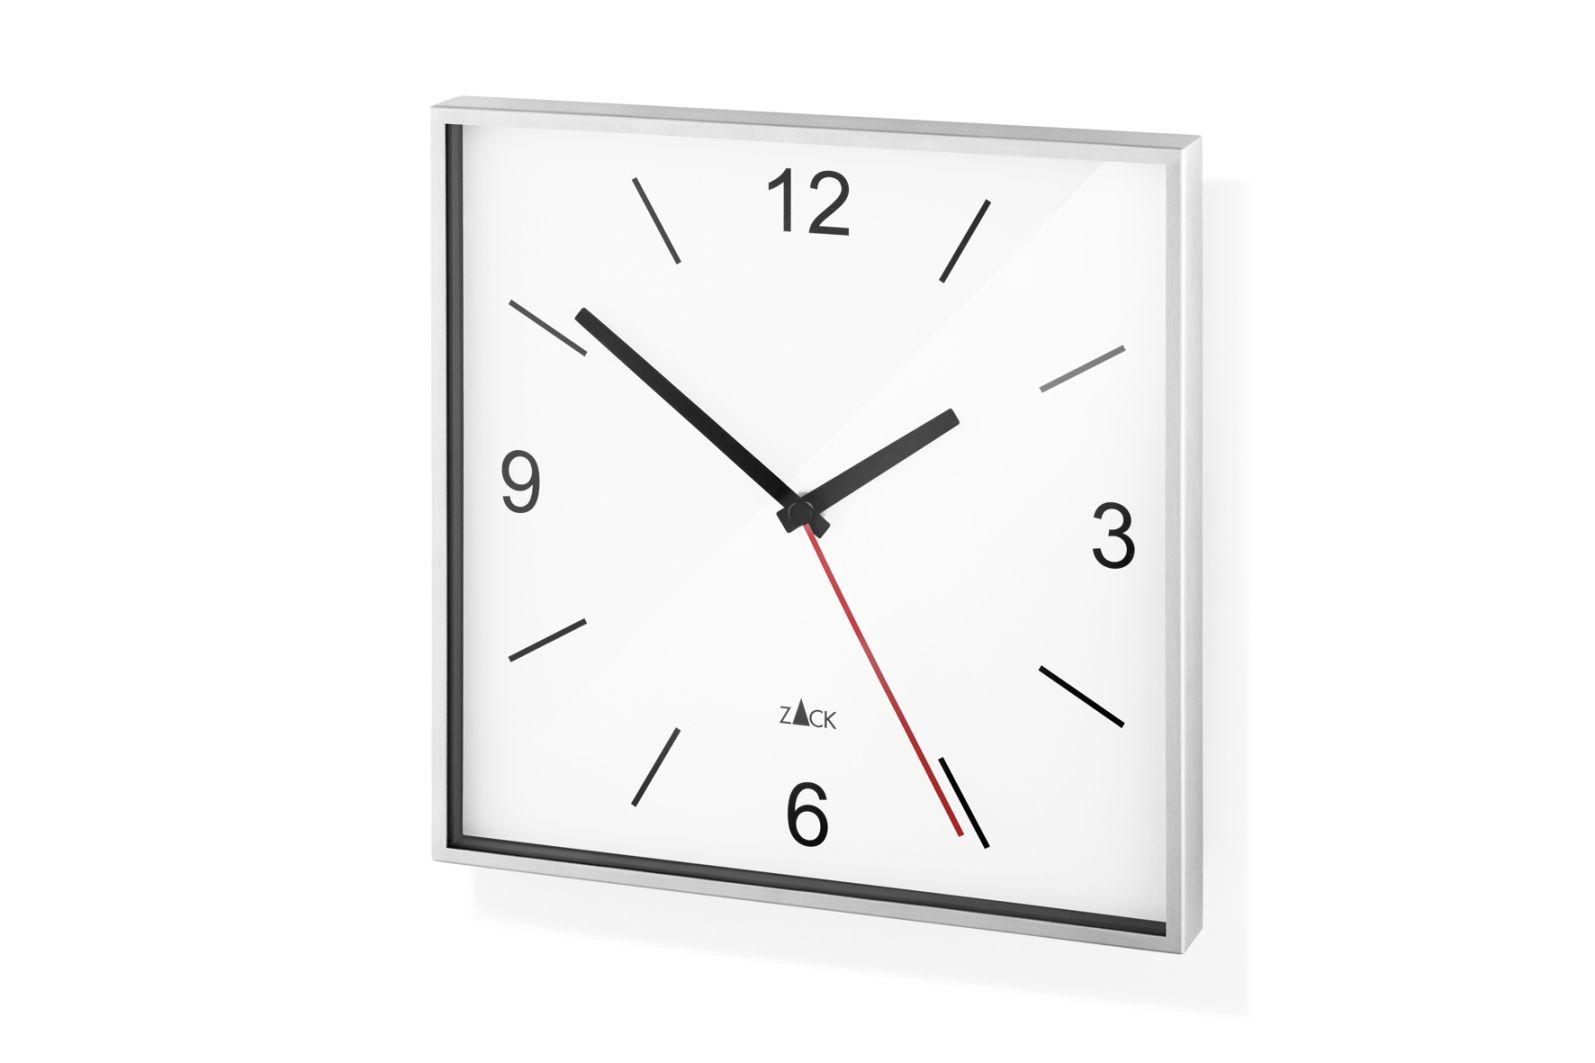 Nástěnné hodiny SILLAR, bílé - ZACK